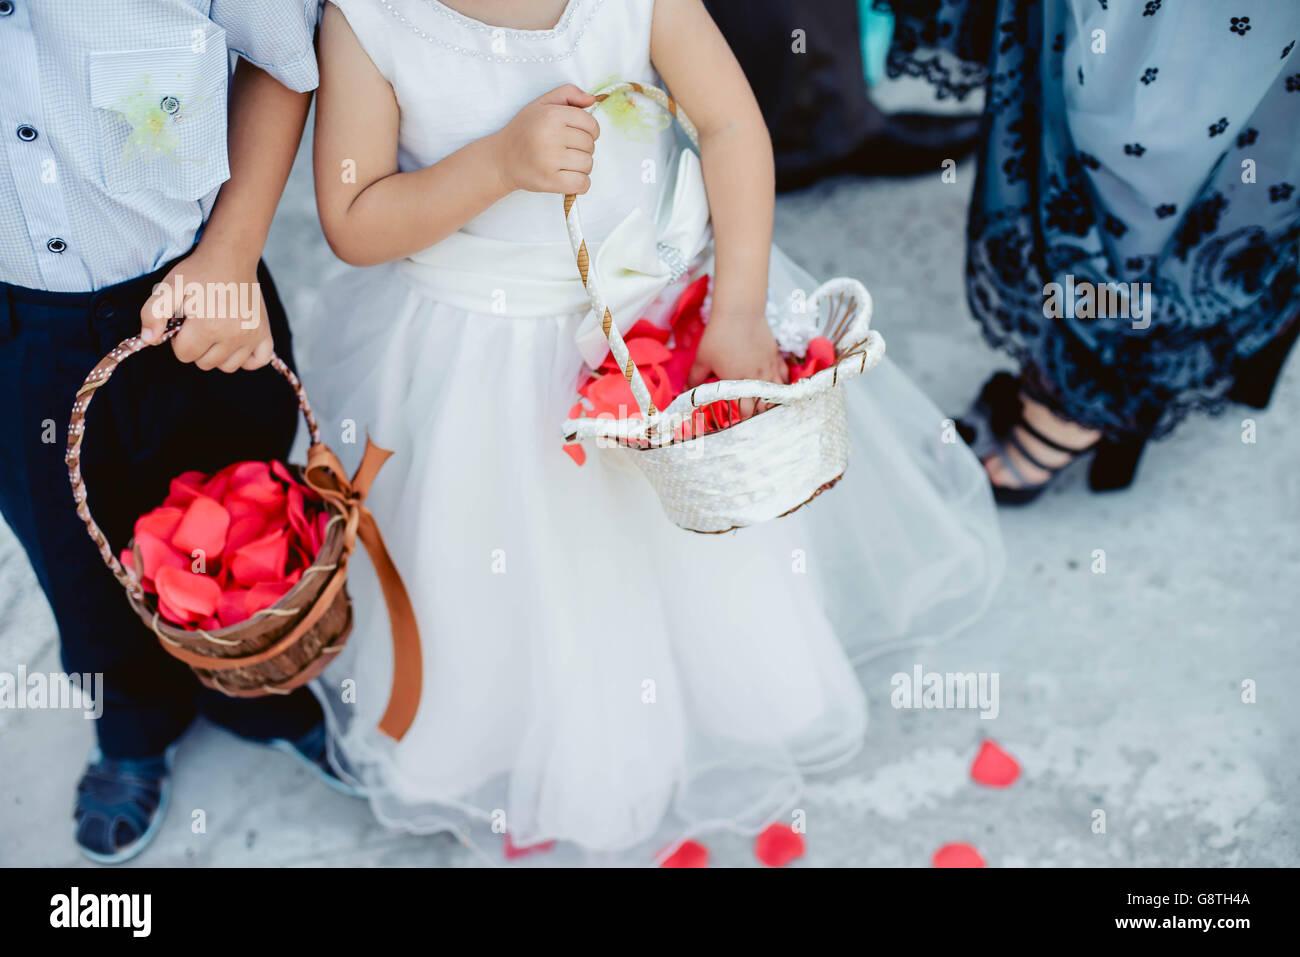 Niedliche kleine Jungen und Mädchen in einem weißen Kleid und Anzug ...